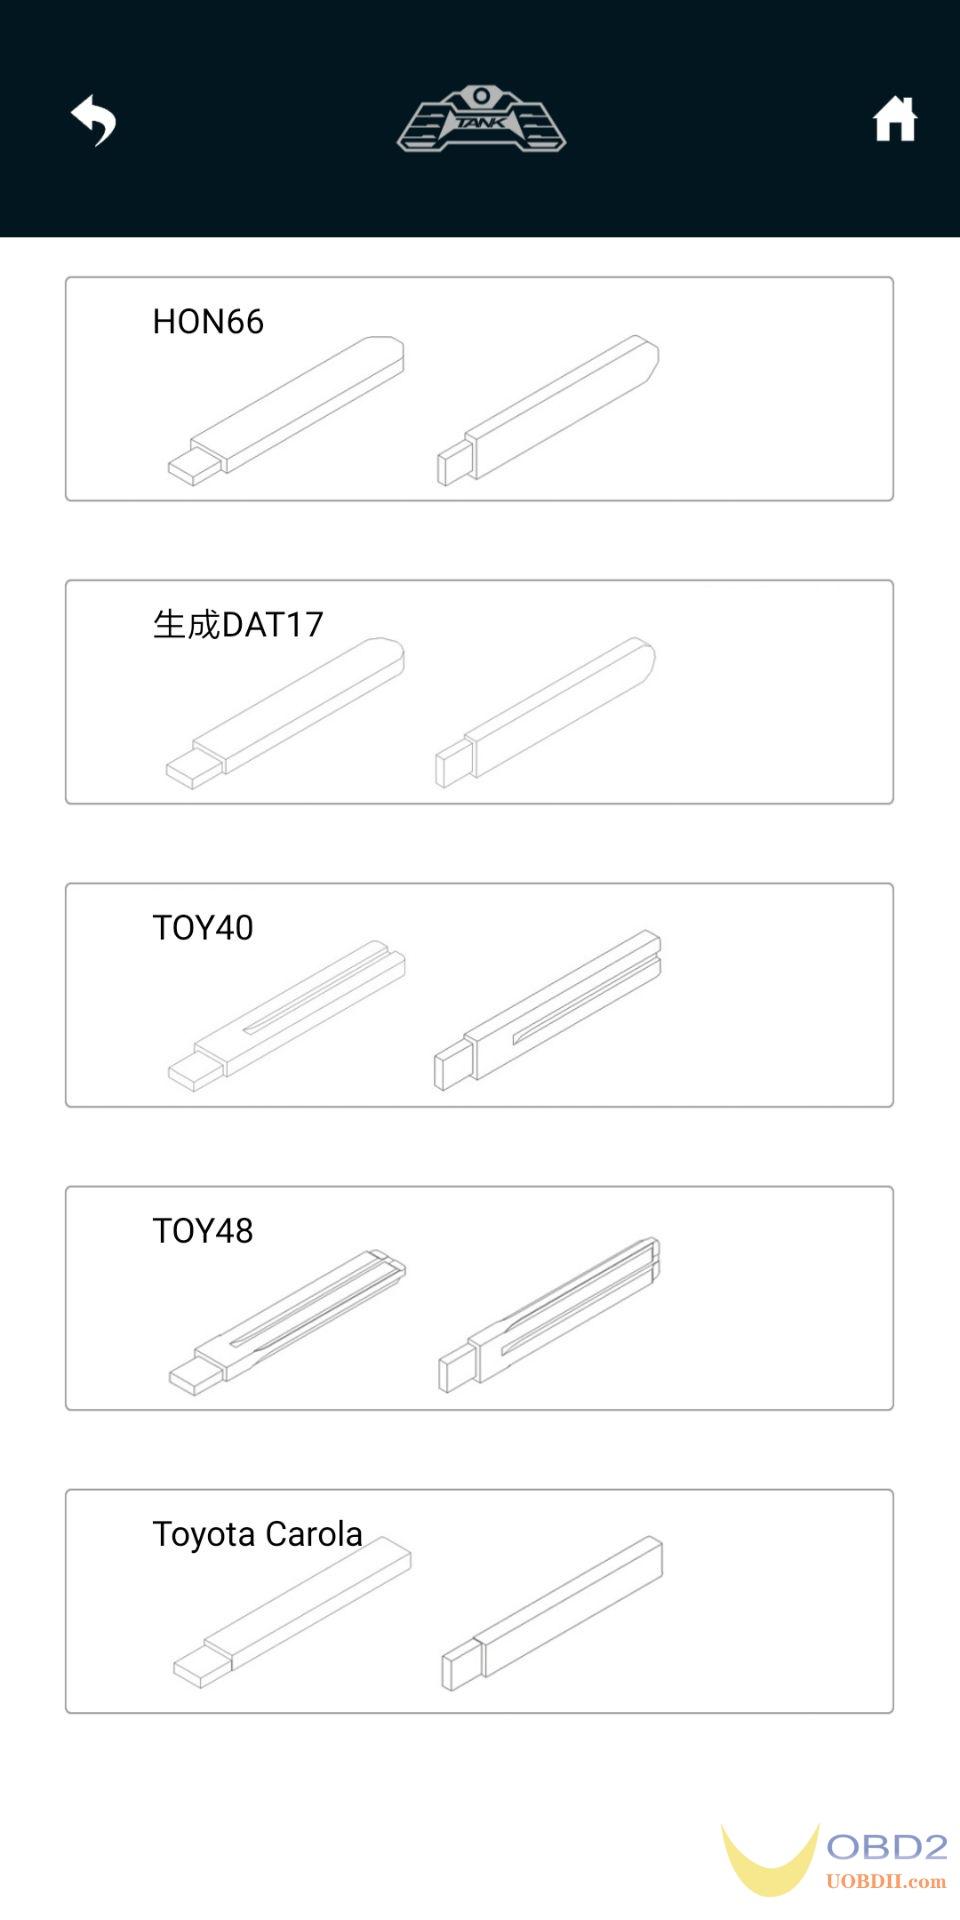 2m2-tank-generate-key-model-06